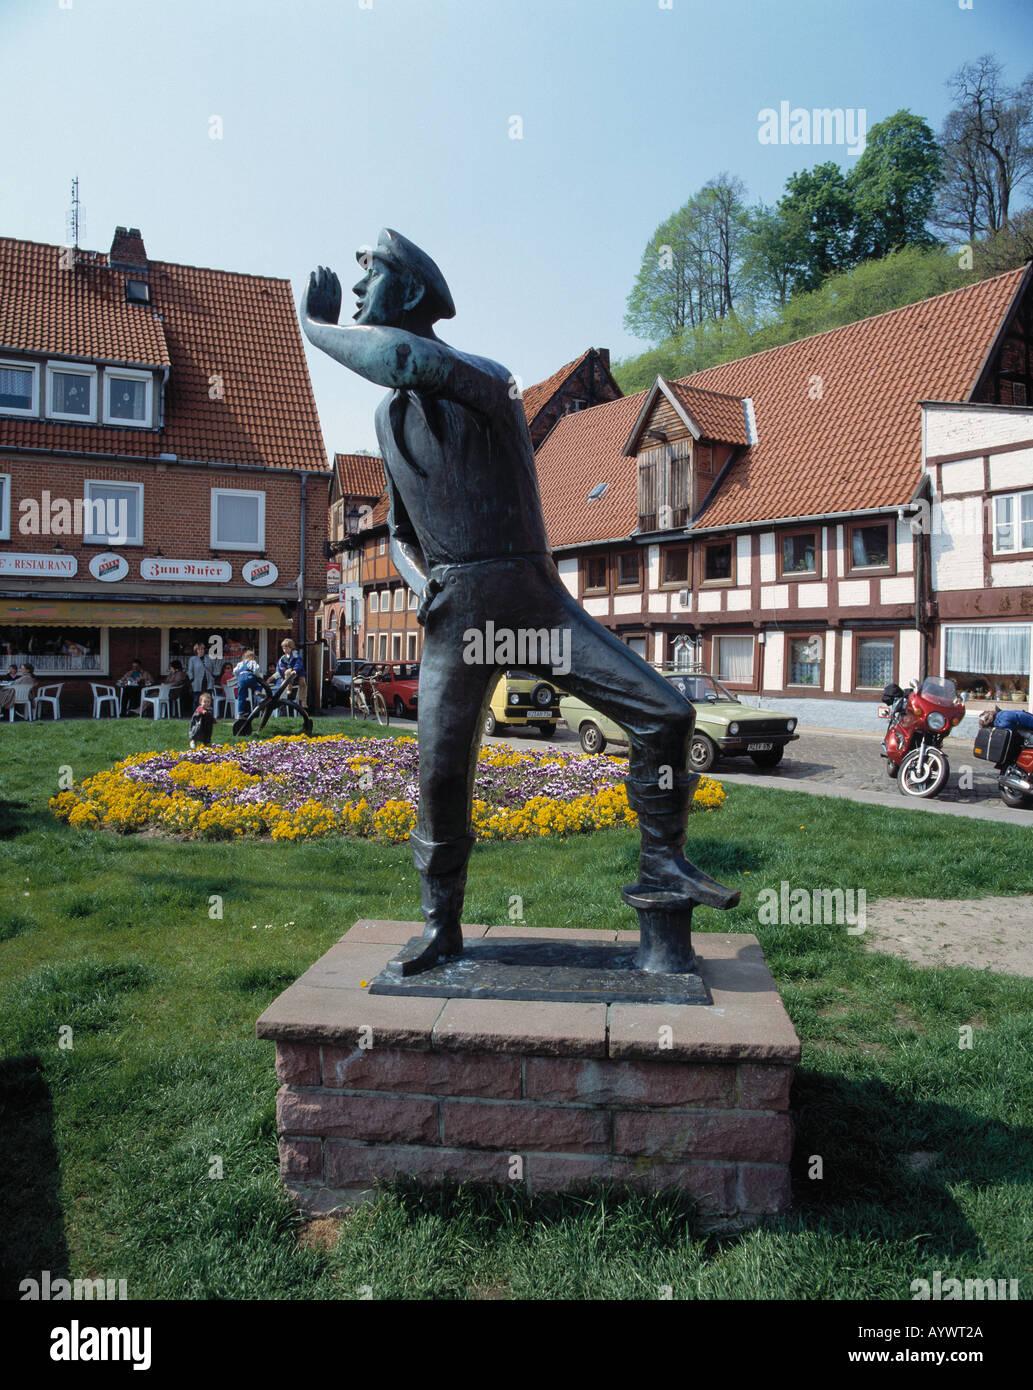 Denkmal Der Rufer am Ufer der Elbe in Lauenburg, Elbe, Schleswig-Holstein Stock Photo